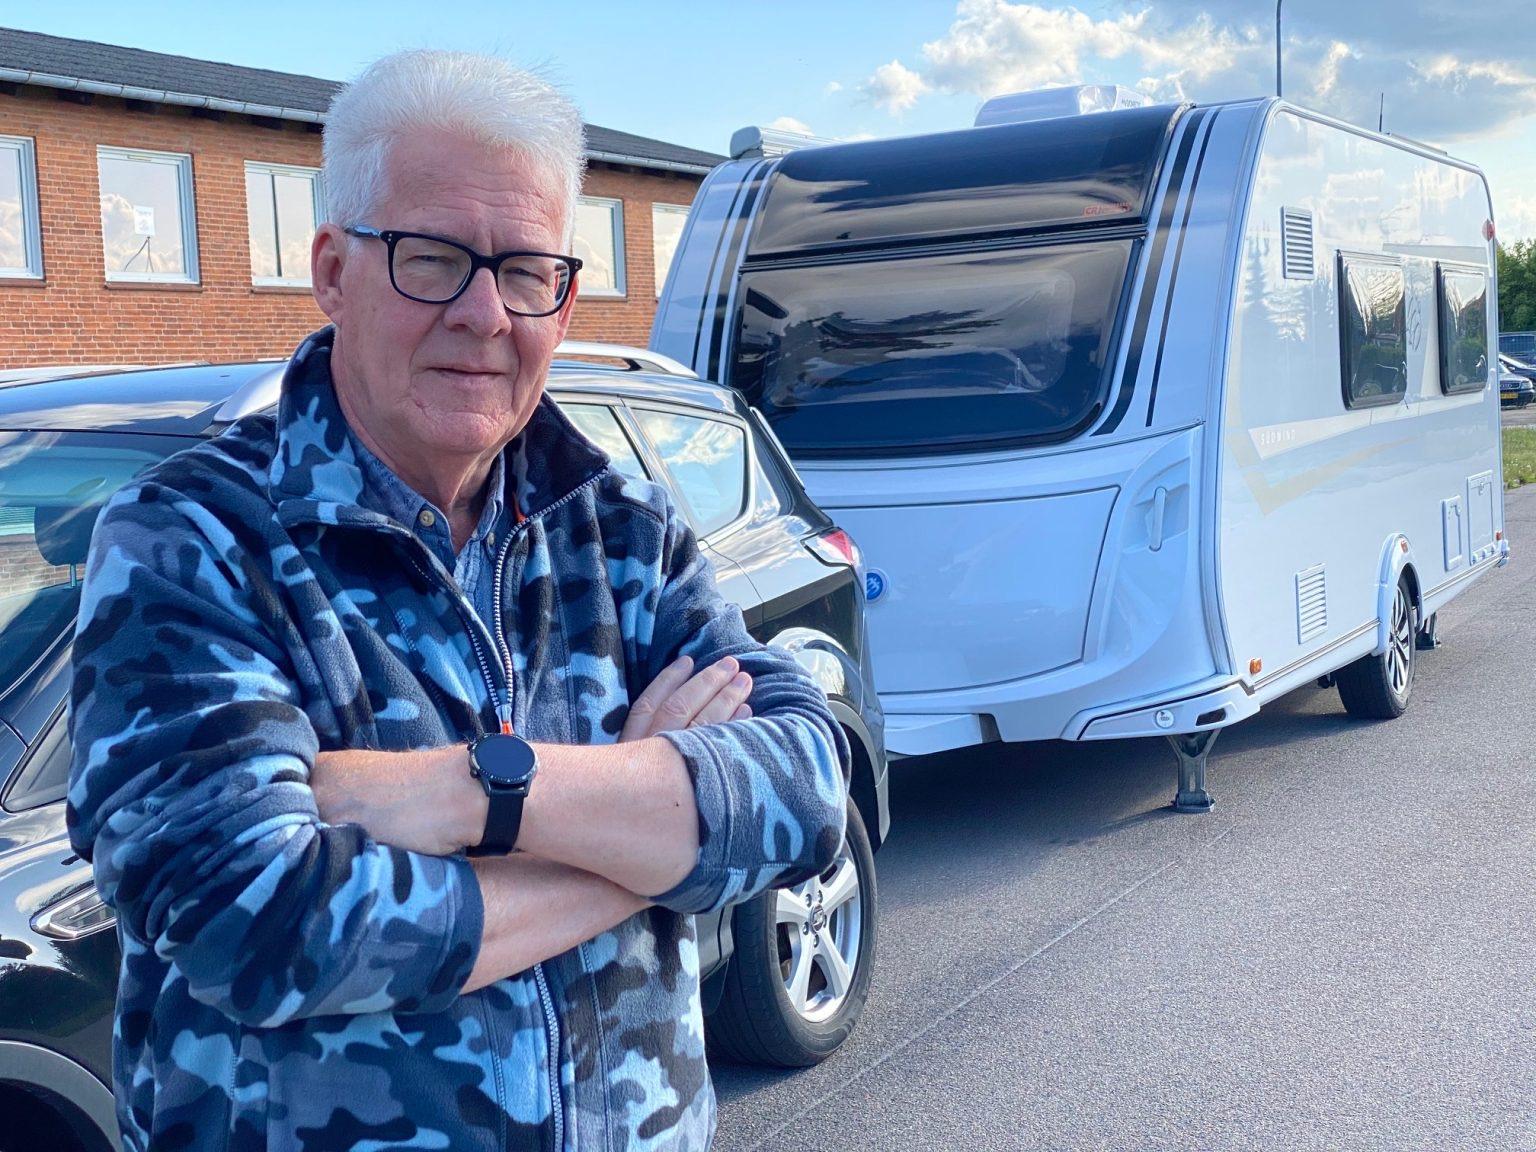 Campingtur til Nordjylland med Peer Neslein - del 1